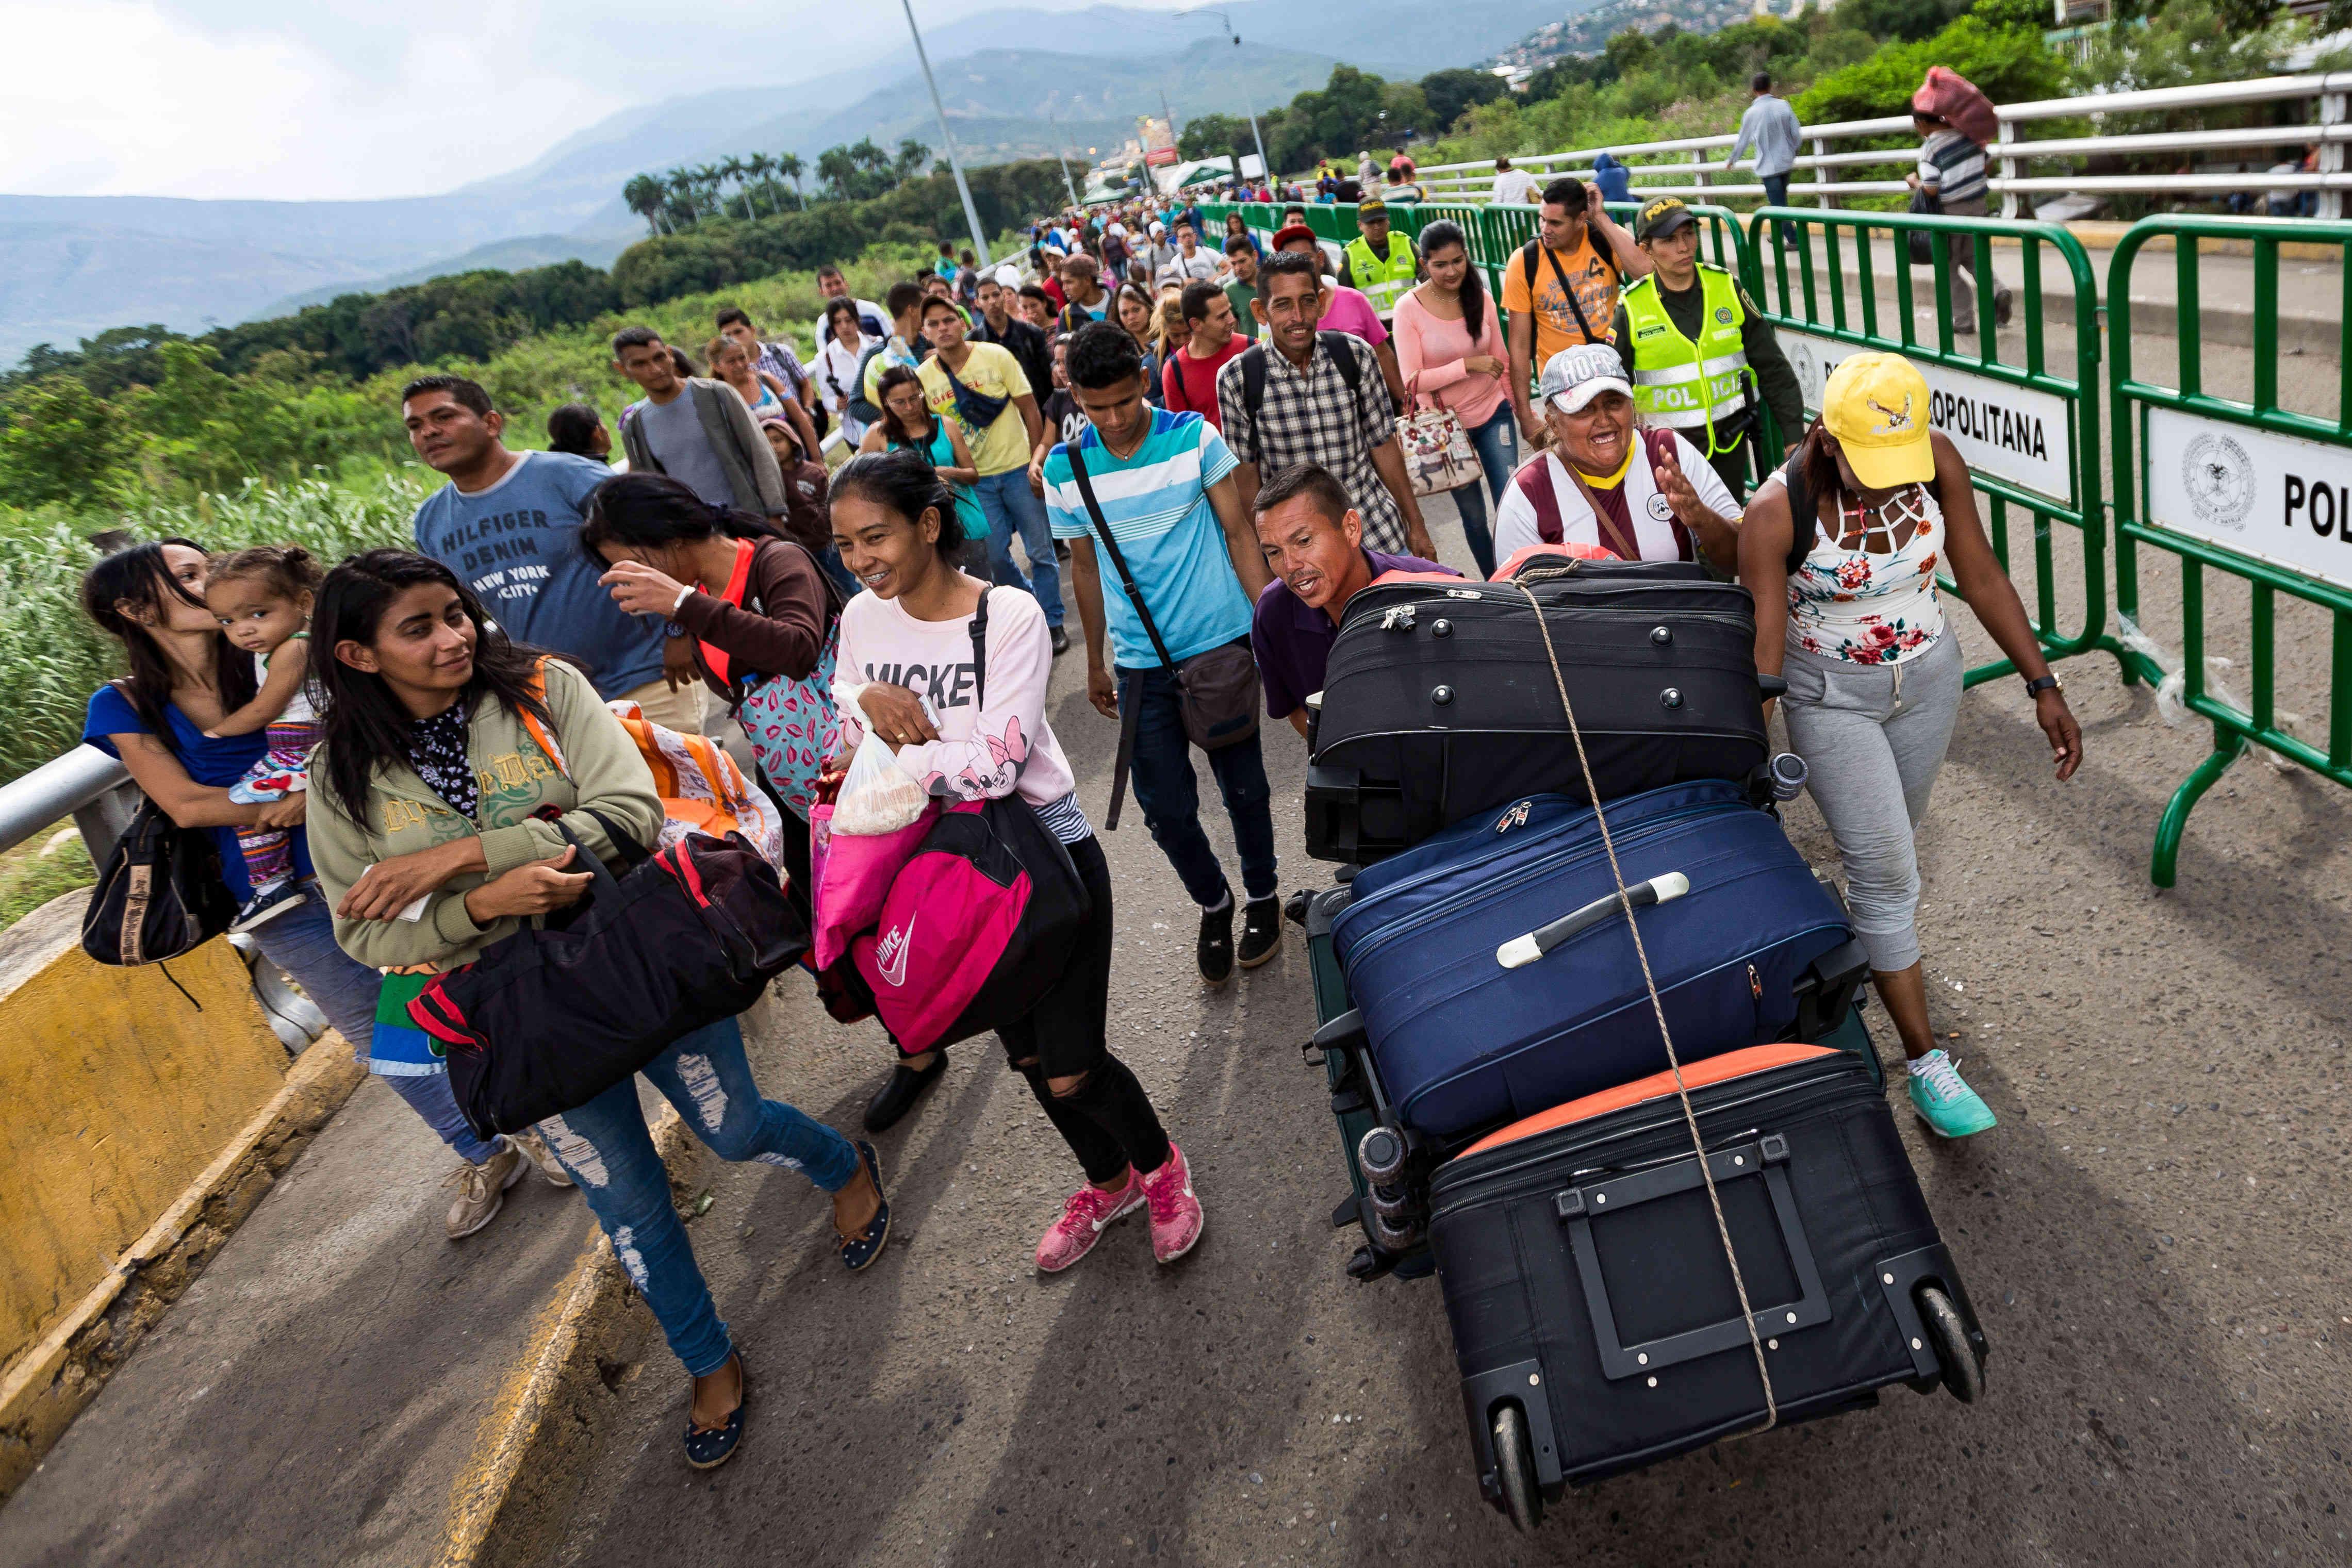 CEOFANB - Venezuela un estado fallido ? - Página 38 556980_1